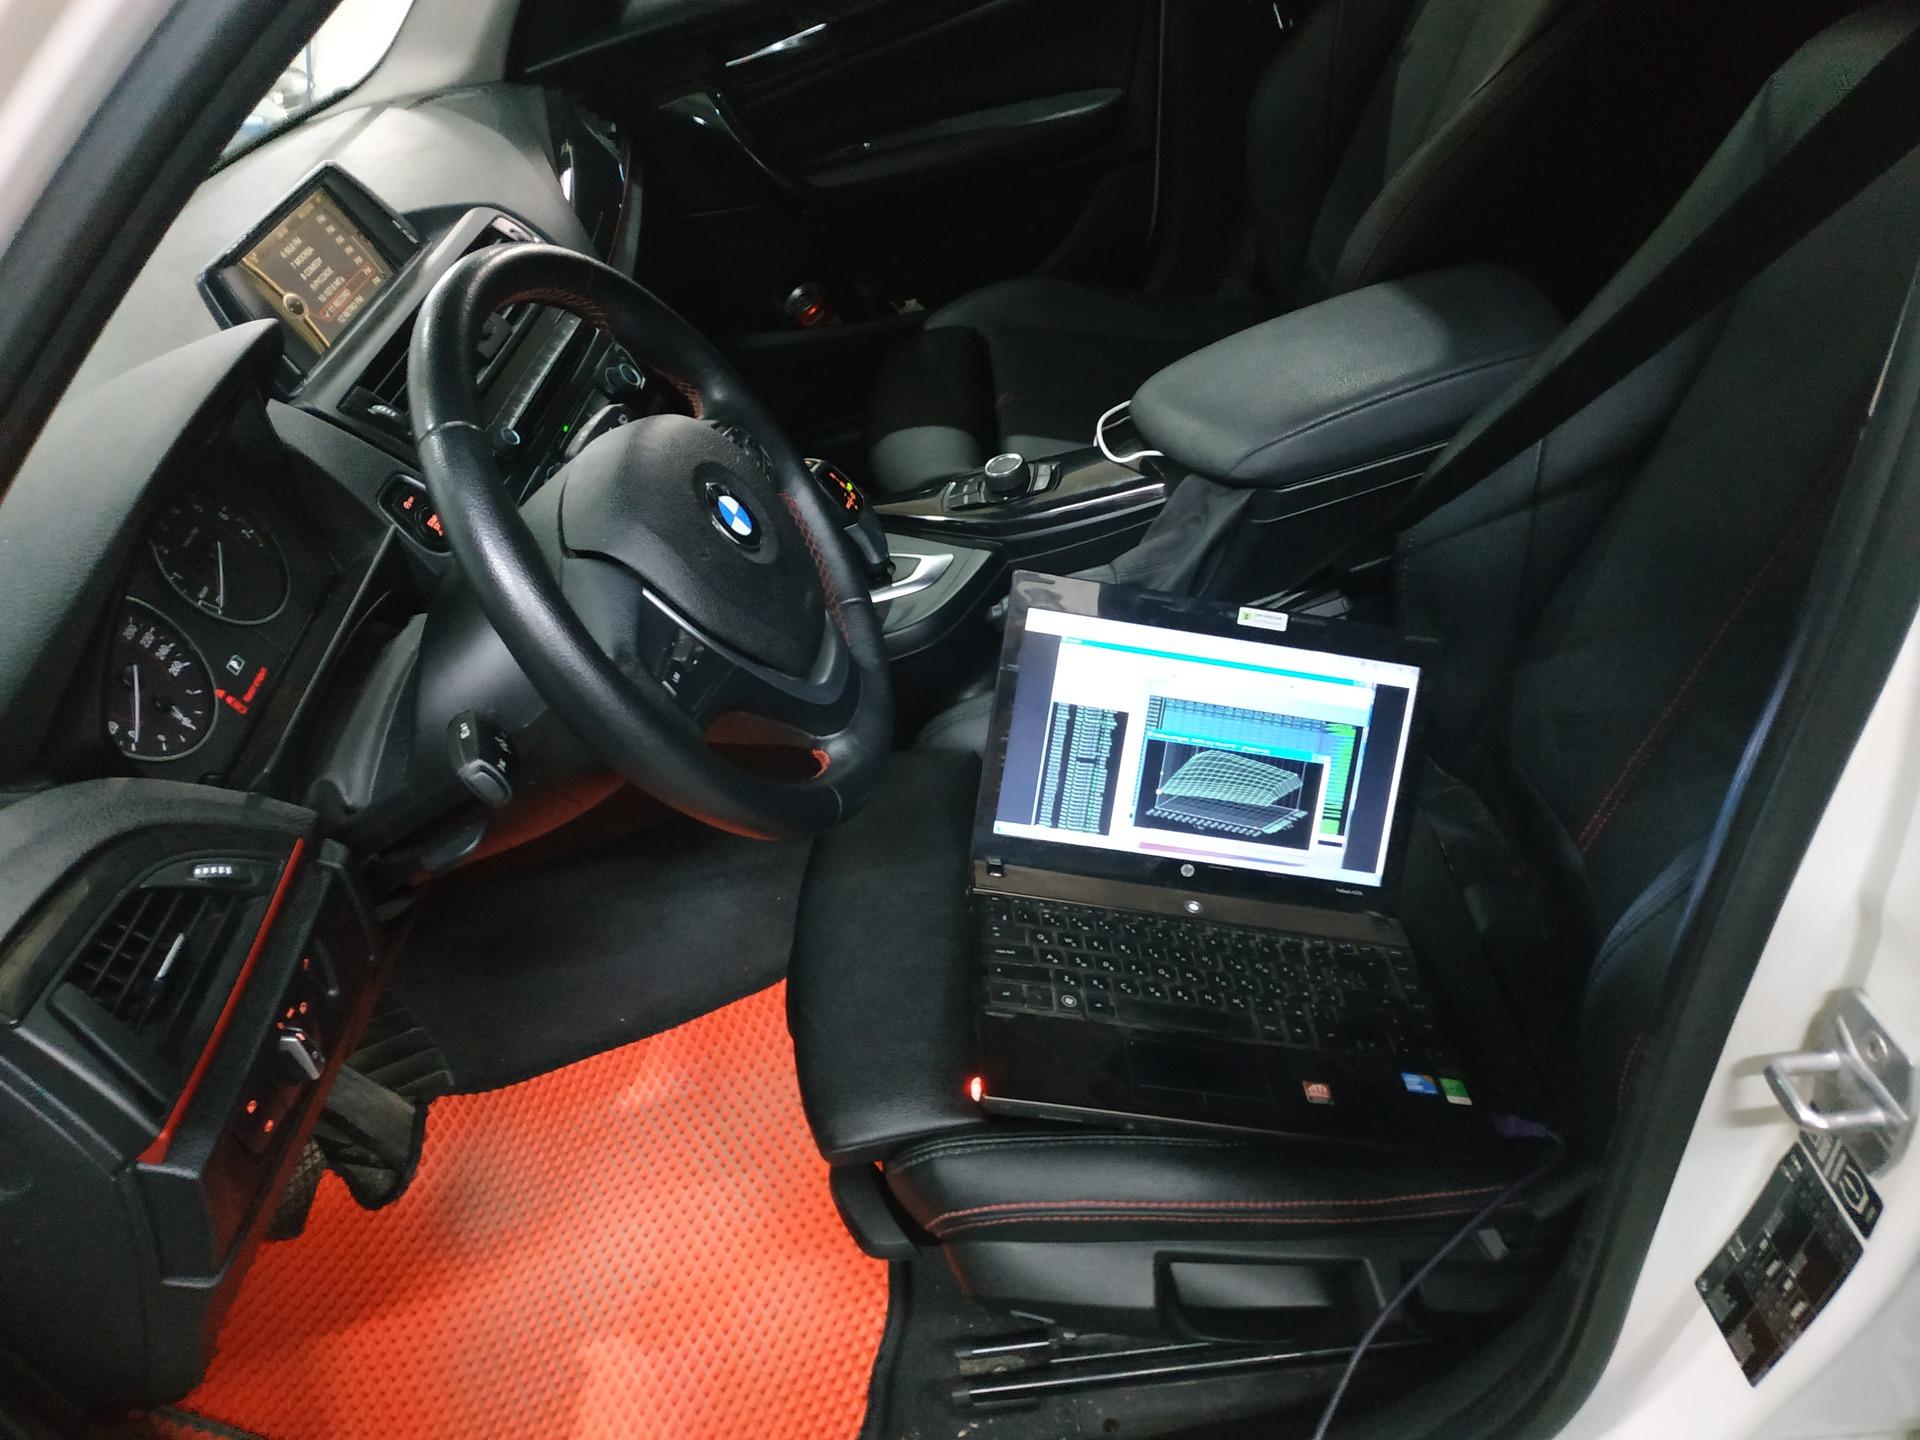 Чип тюнинг BMW F20 116i, BMWupgrade, Екатеринбург